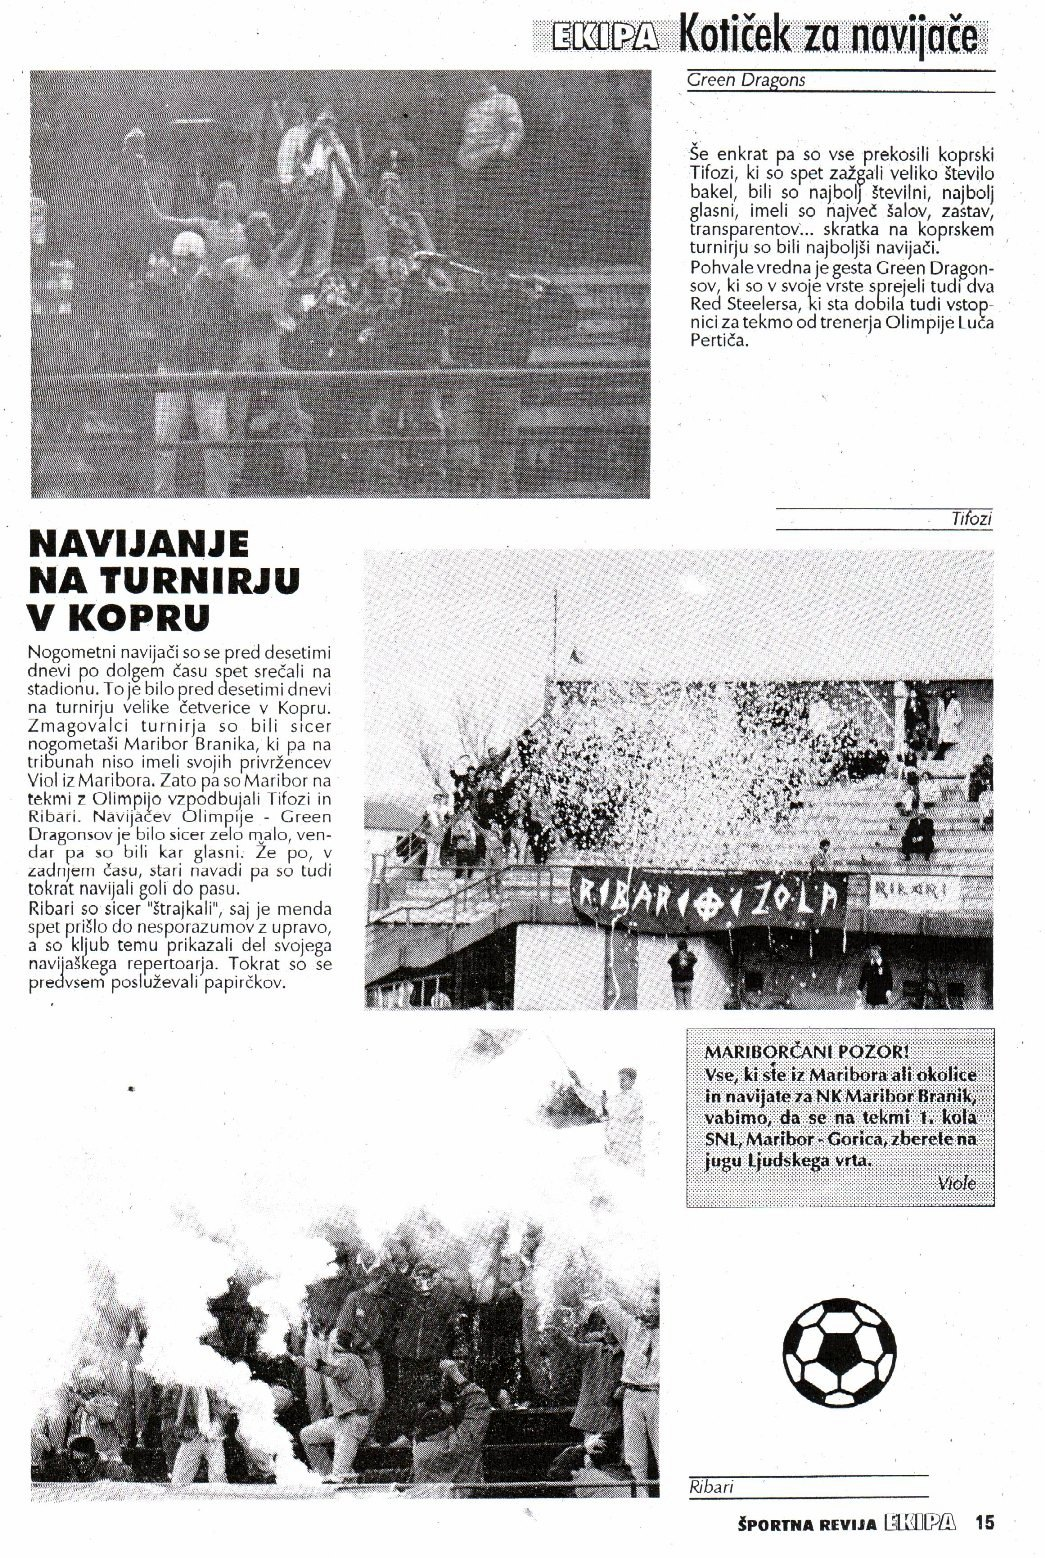 KZN12-6_25_2_1992